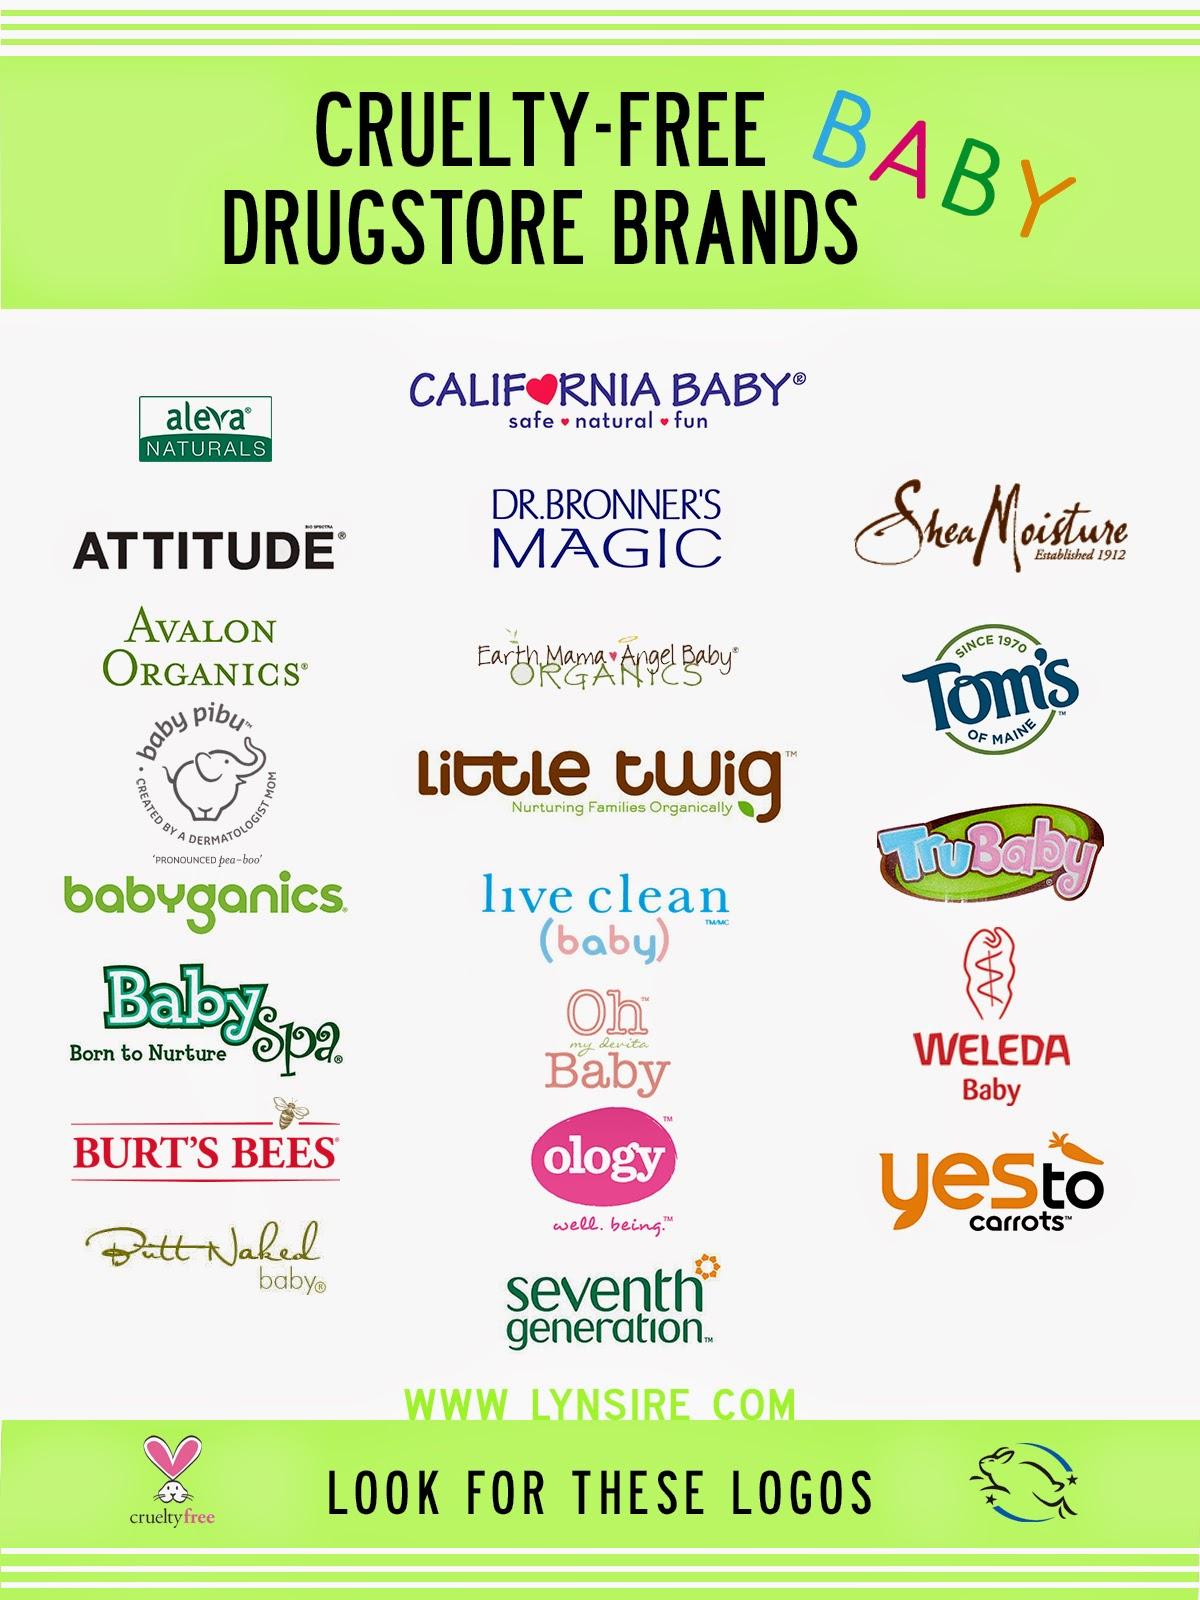 Cruelty Free Fashion Runways Cruelty Free Fashion: Cruelty-Free Baby Drugstore Brands